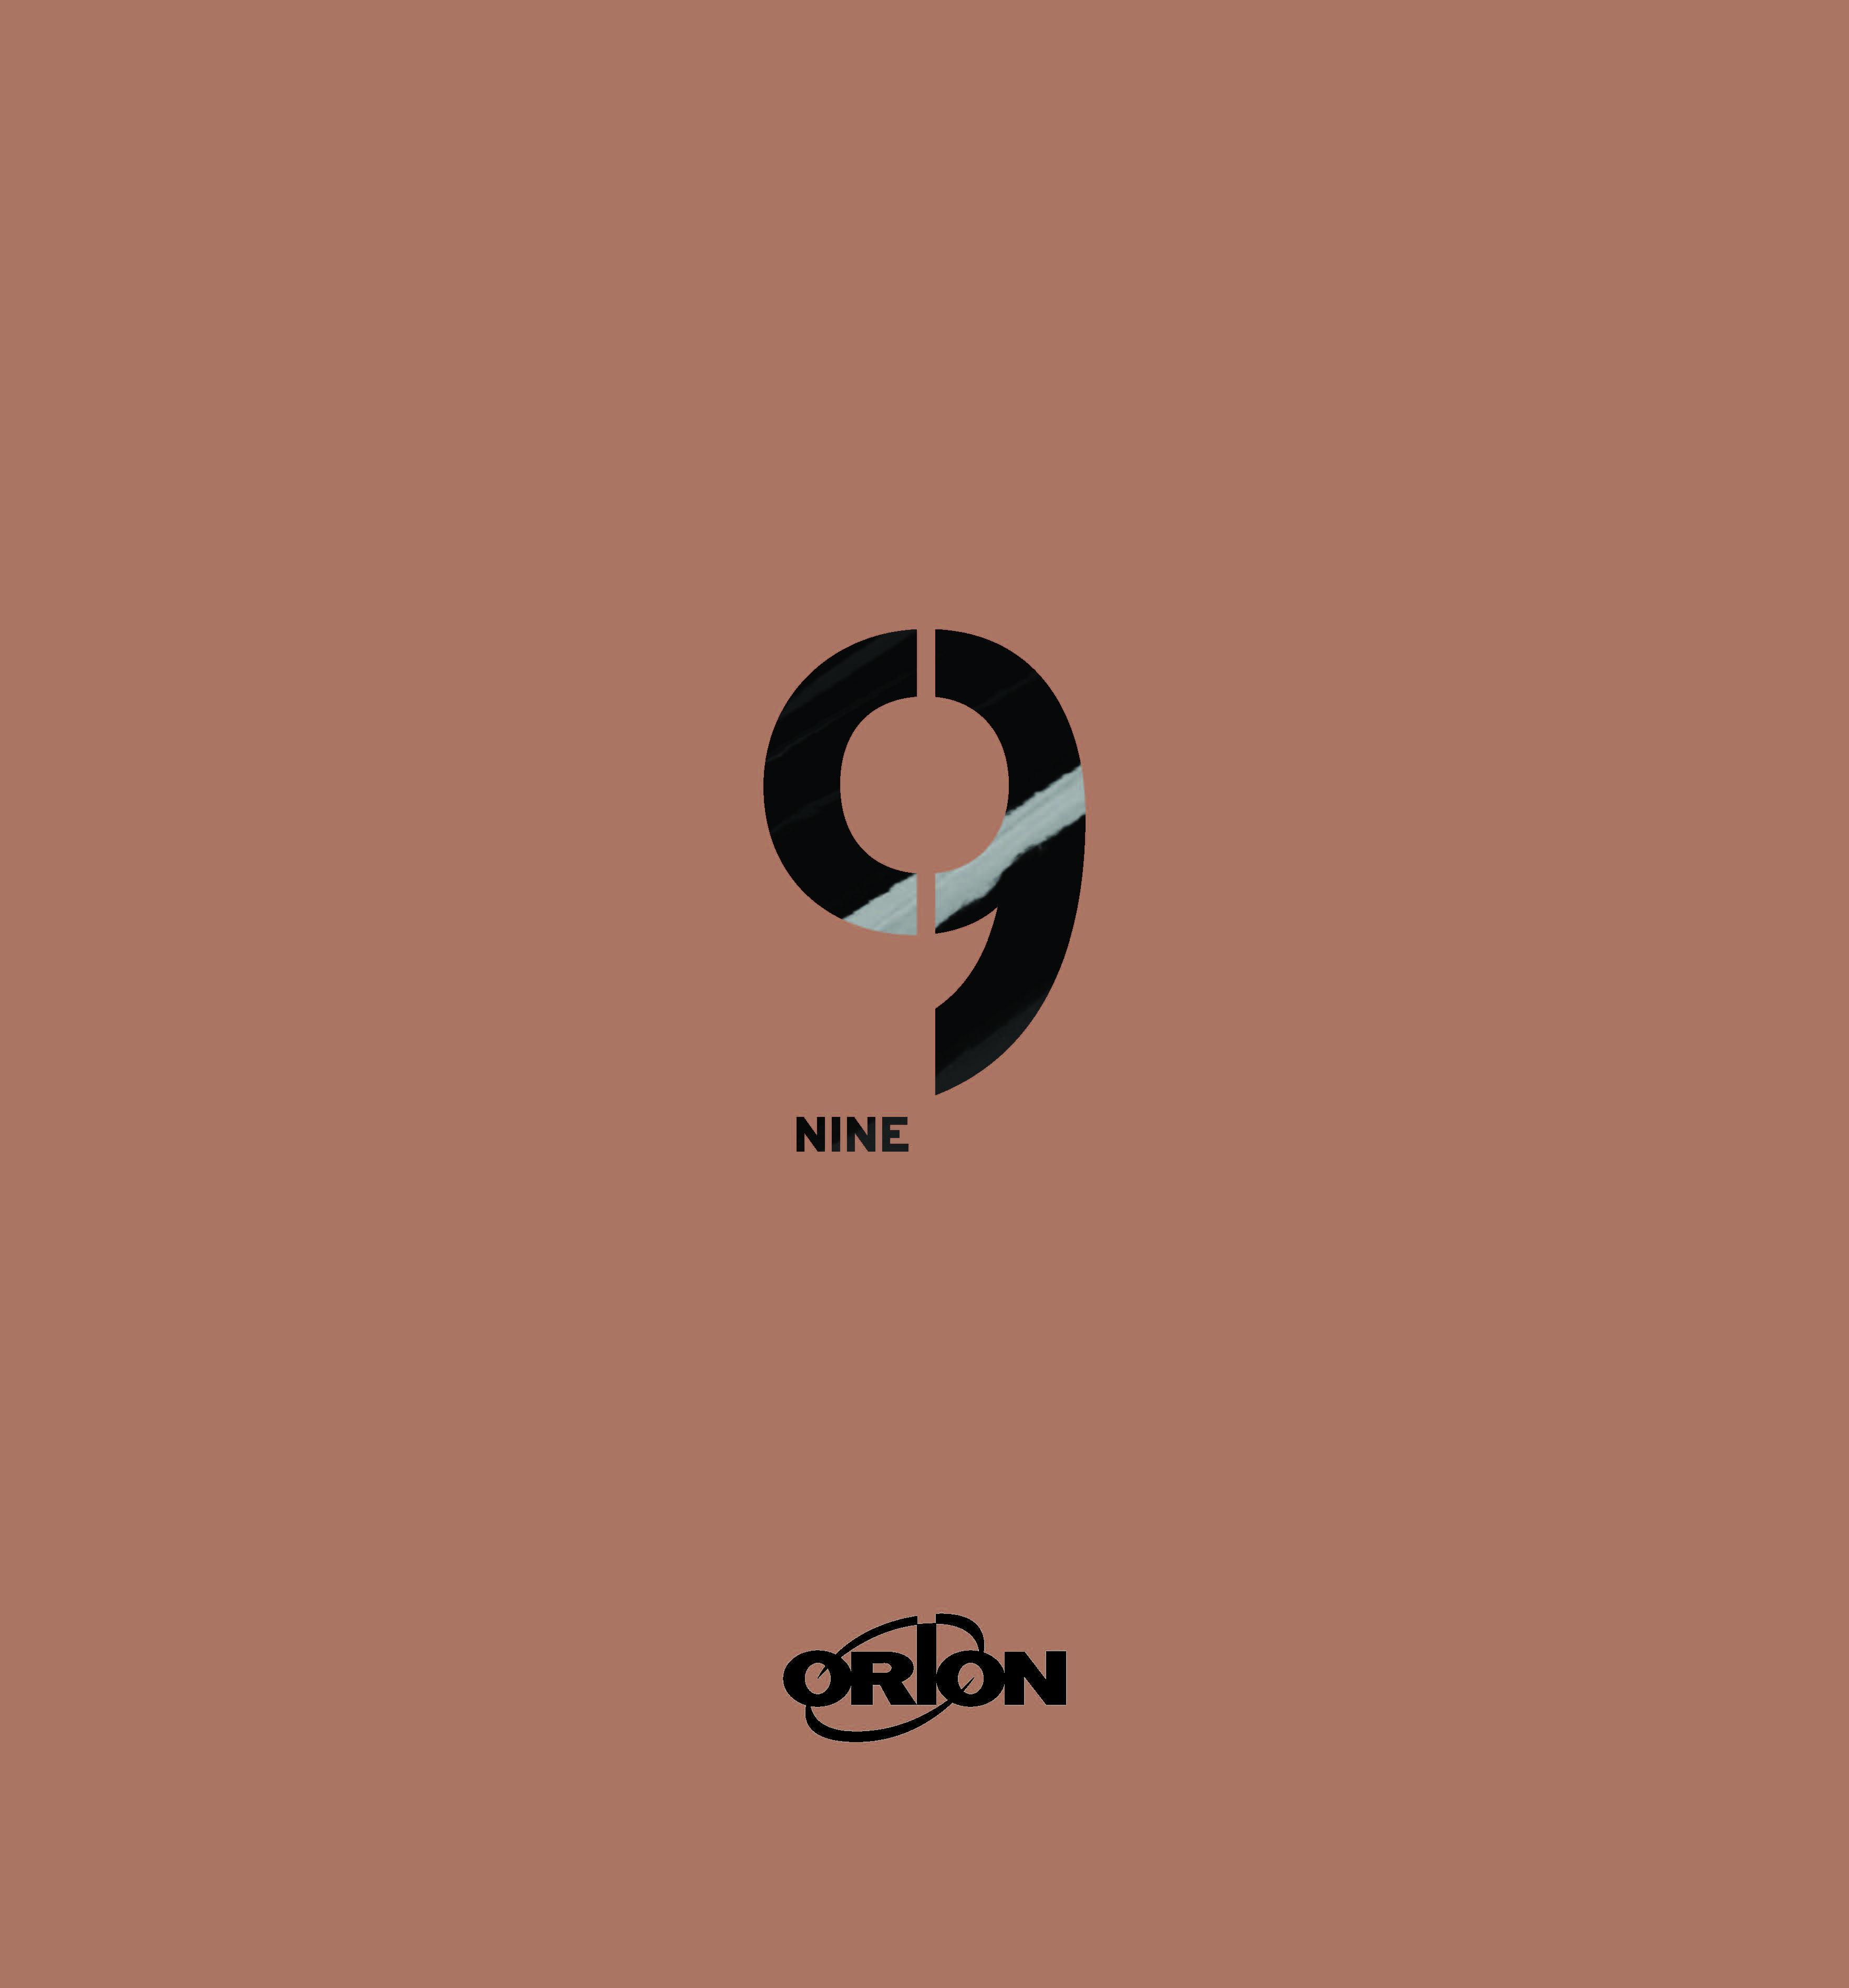 Orion – Nine